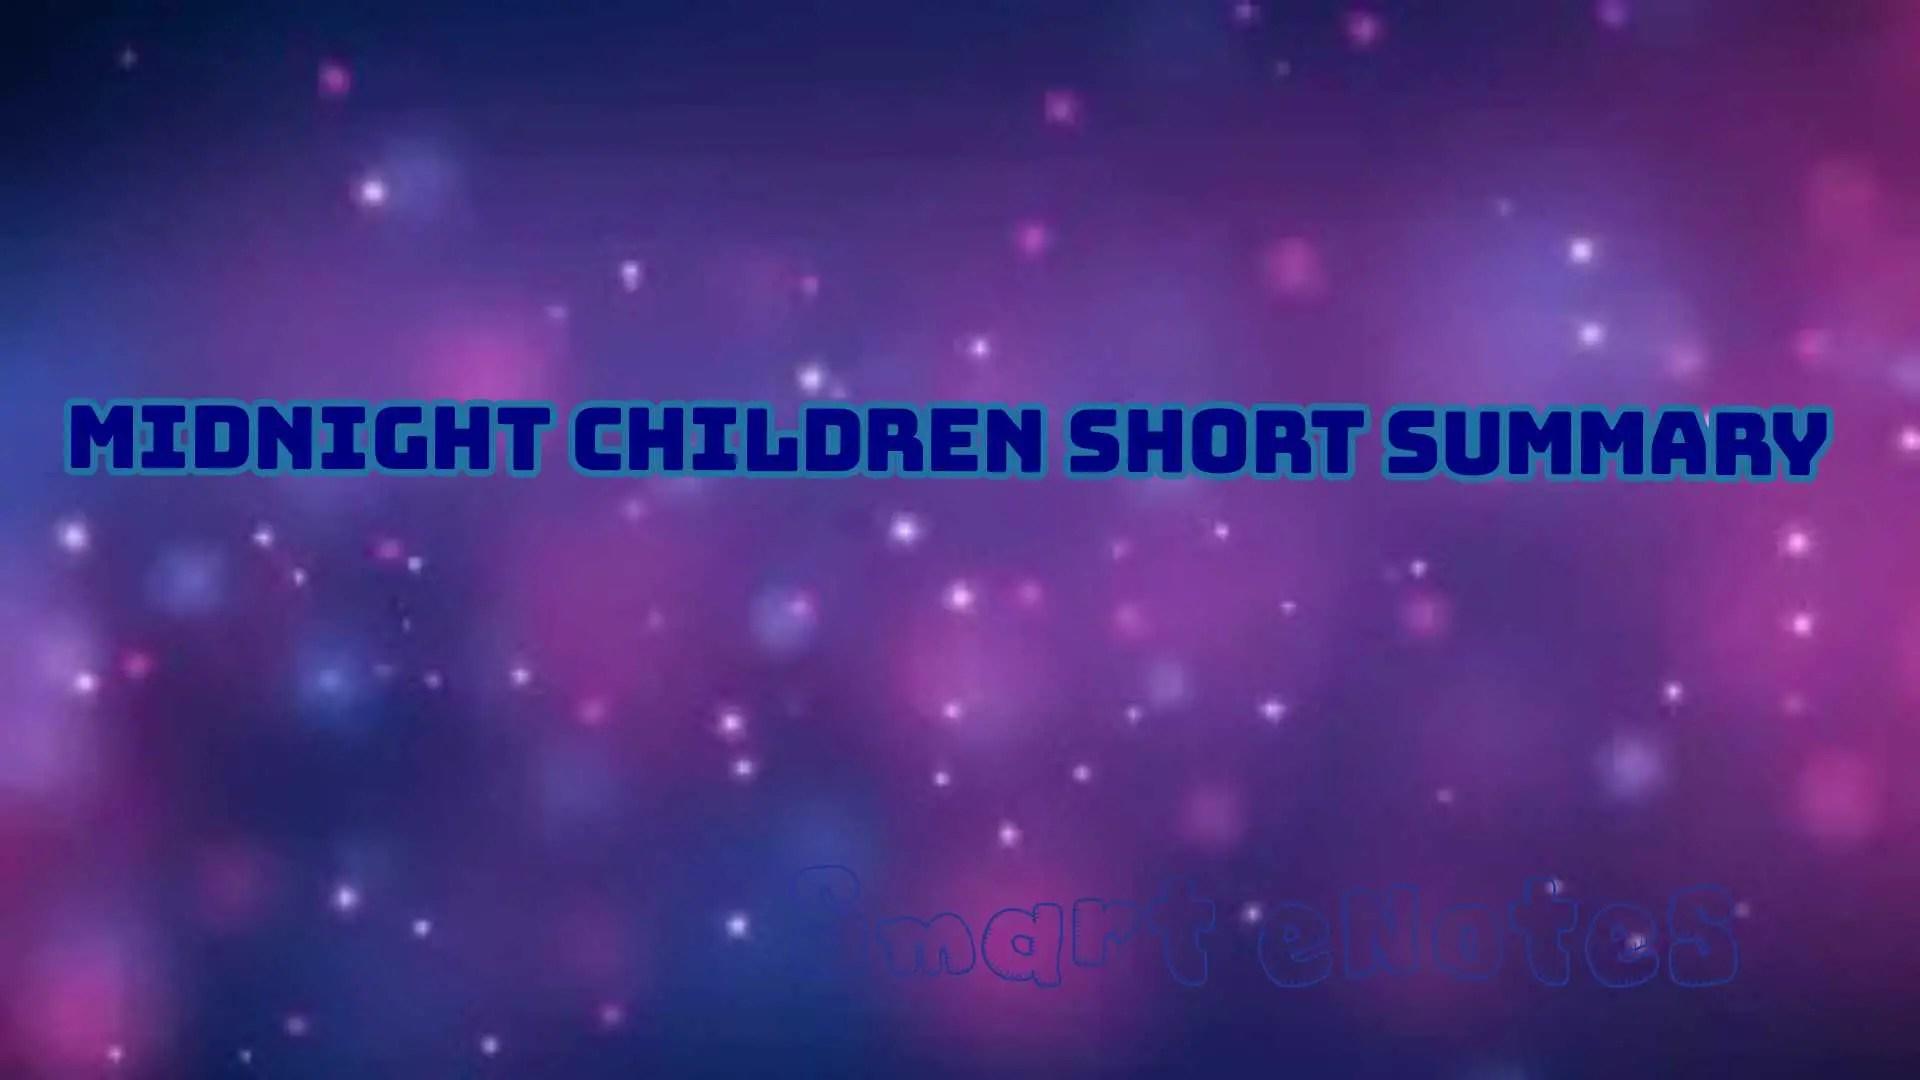 Short Summary of Midnight Children 2